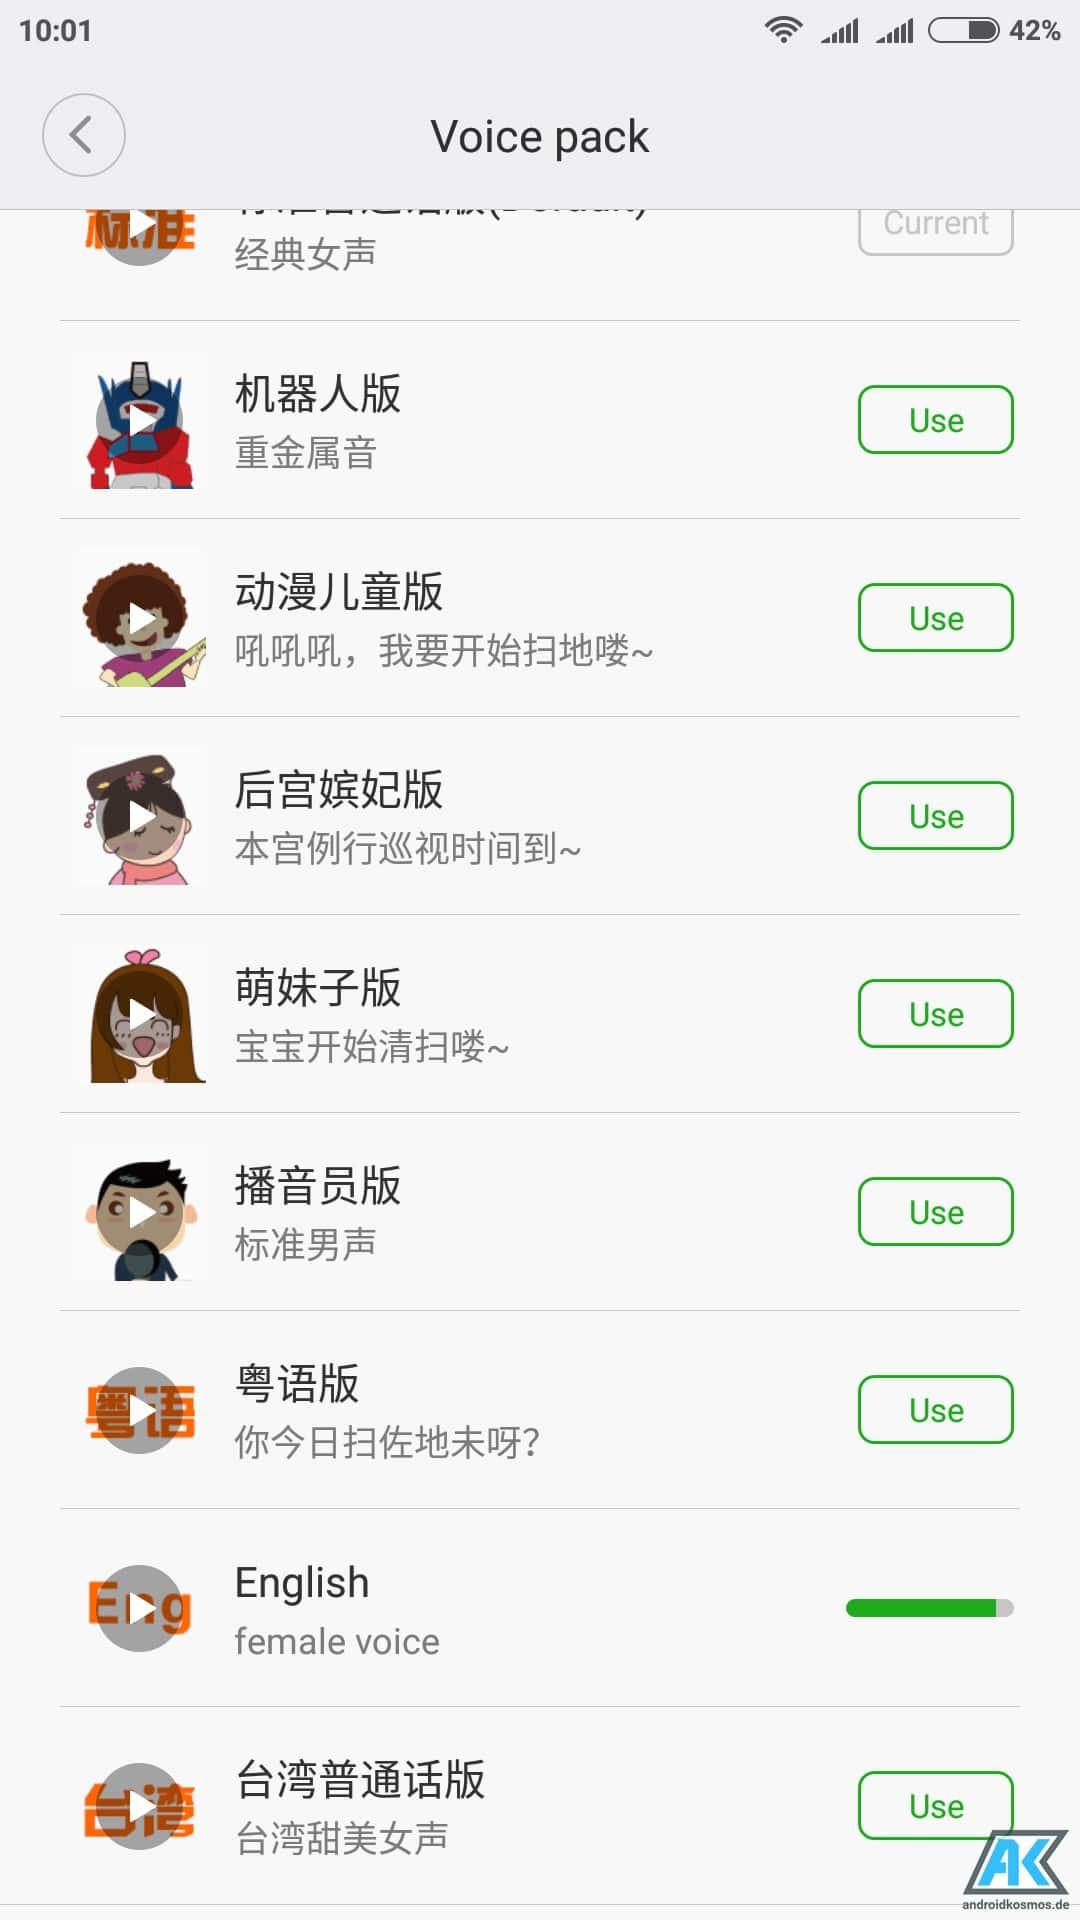 Anleitung: Xiaomi Mi Robot Vacuum Sprache auf Englisch umstellen 6